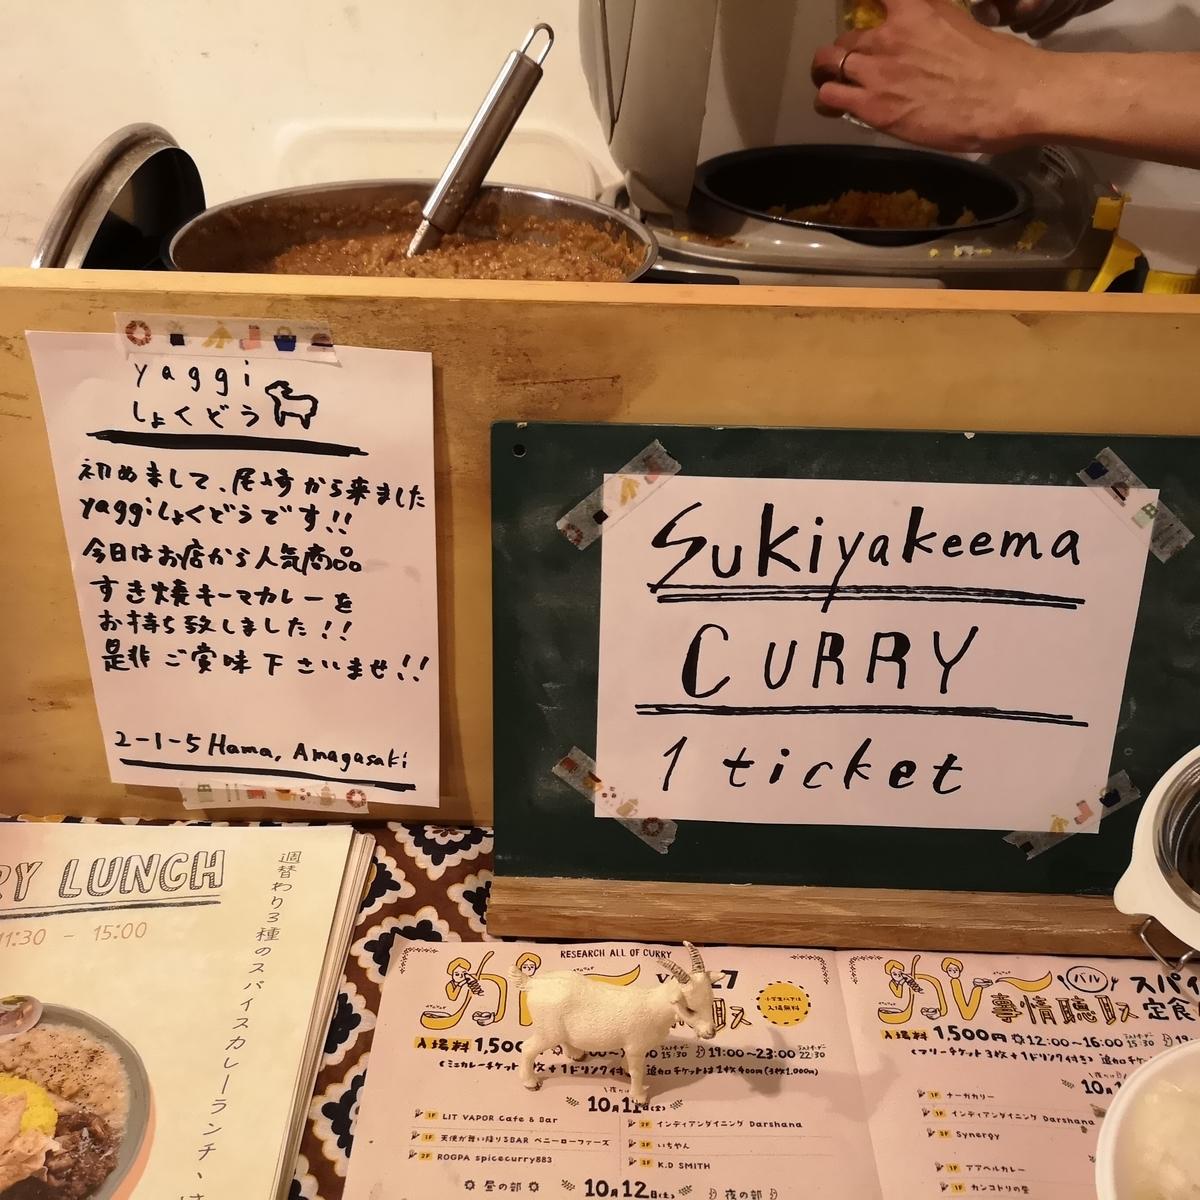 yaggiしょくどう SukiyakeemaCurry(スキヤキーマカリー)